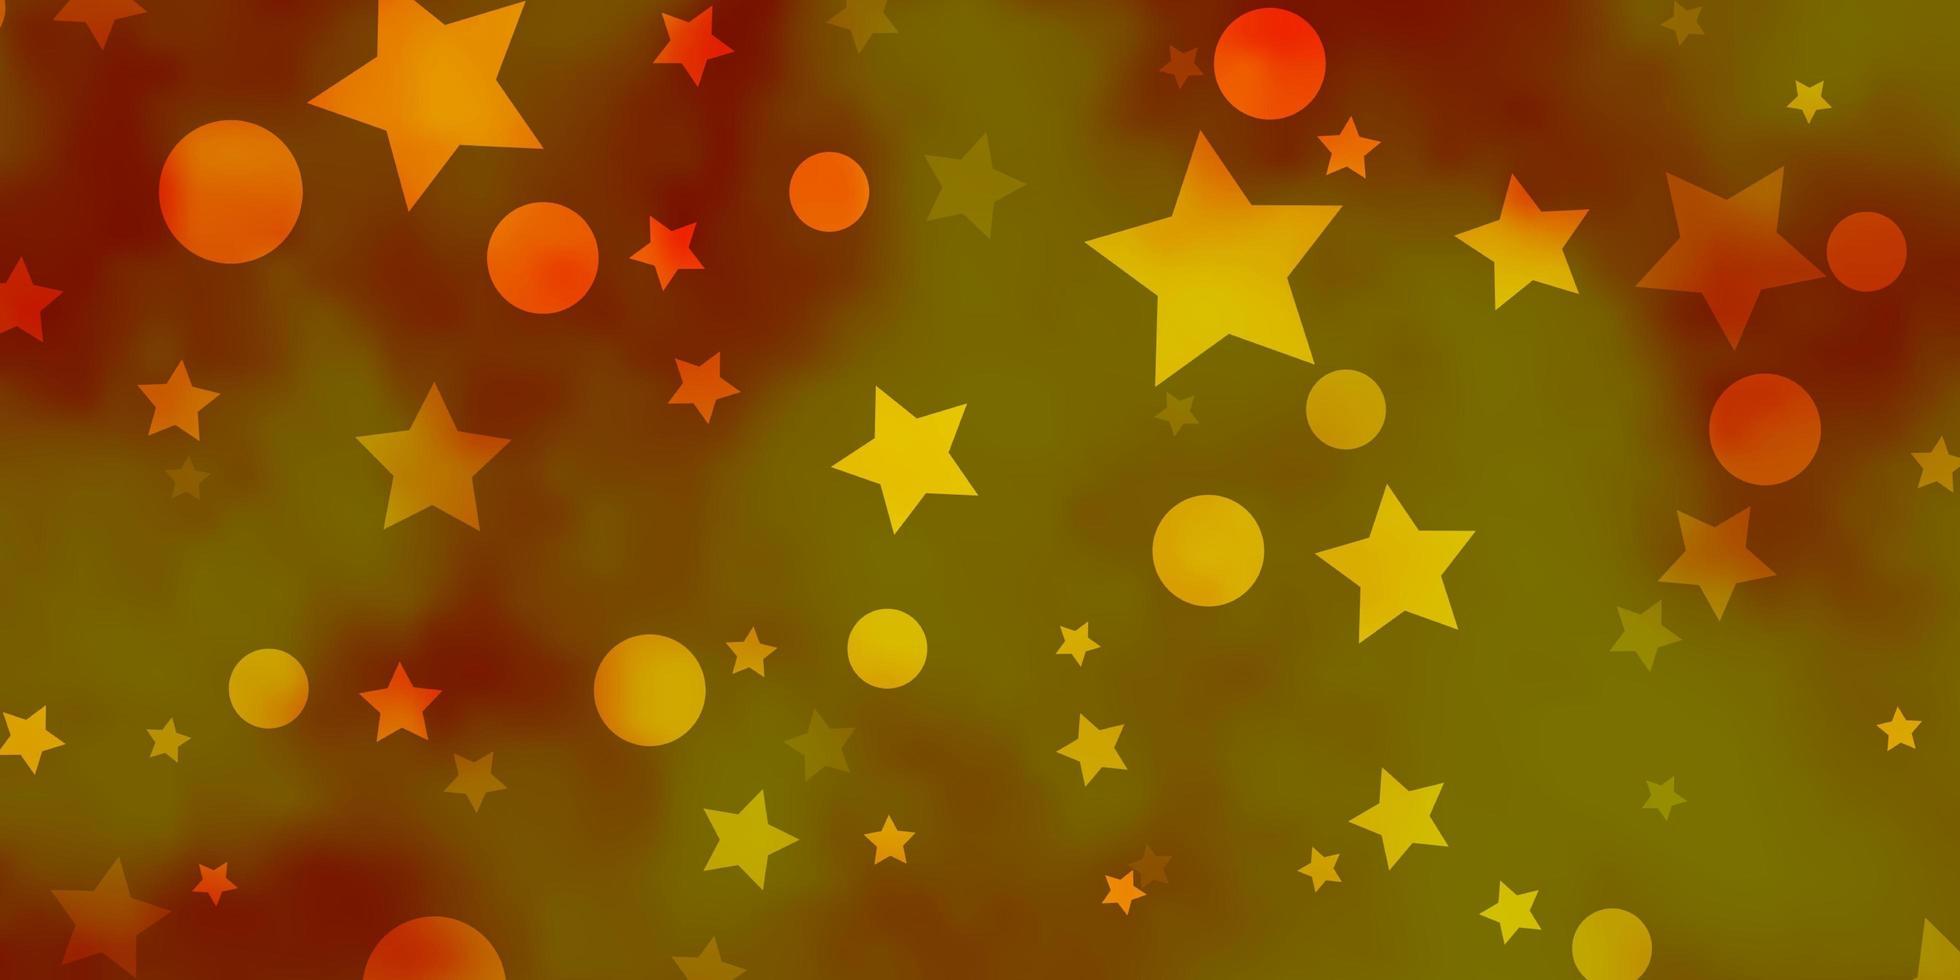 mörkgul bakgrund med cirklar, stjärnor. vektor